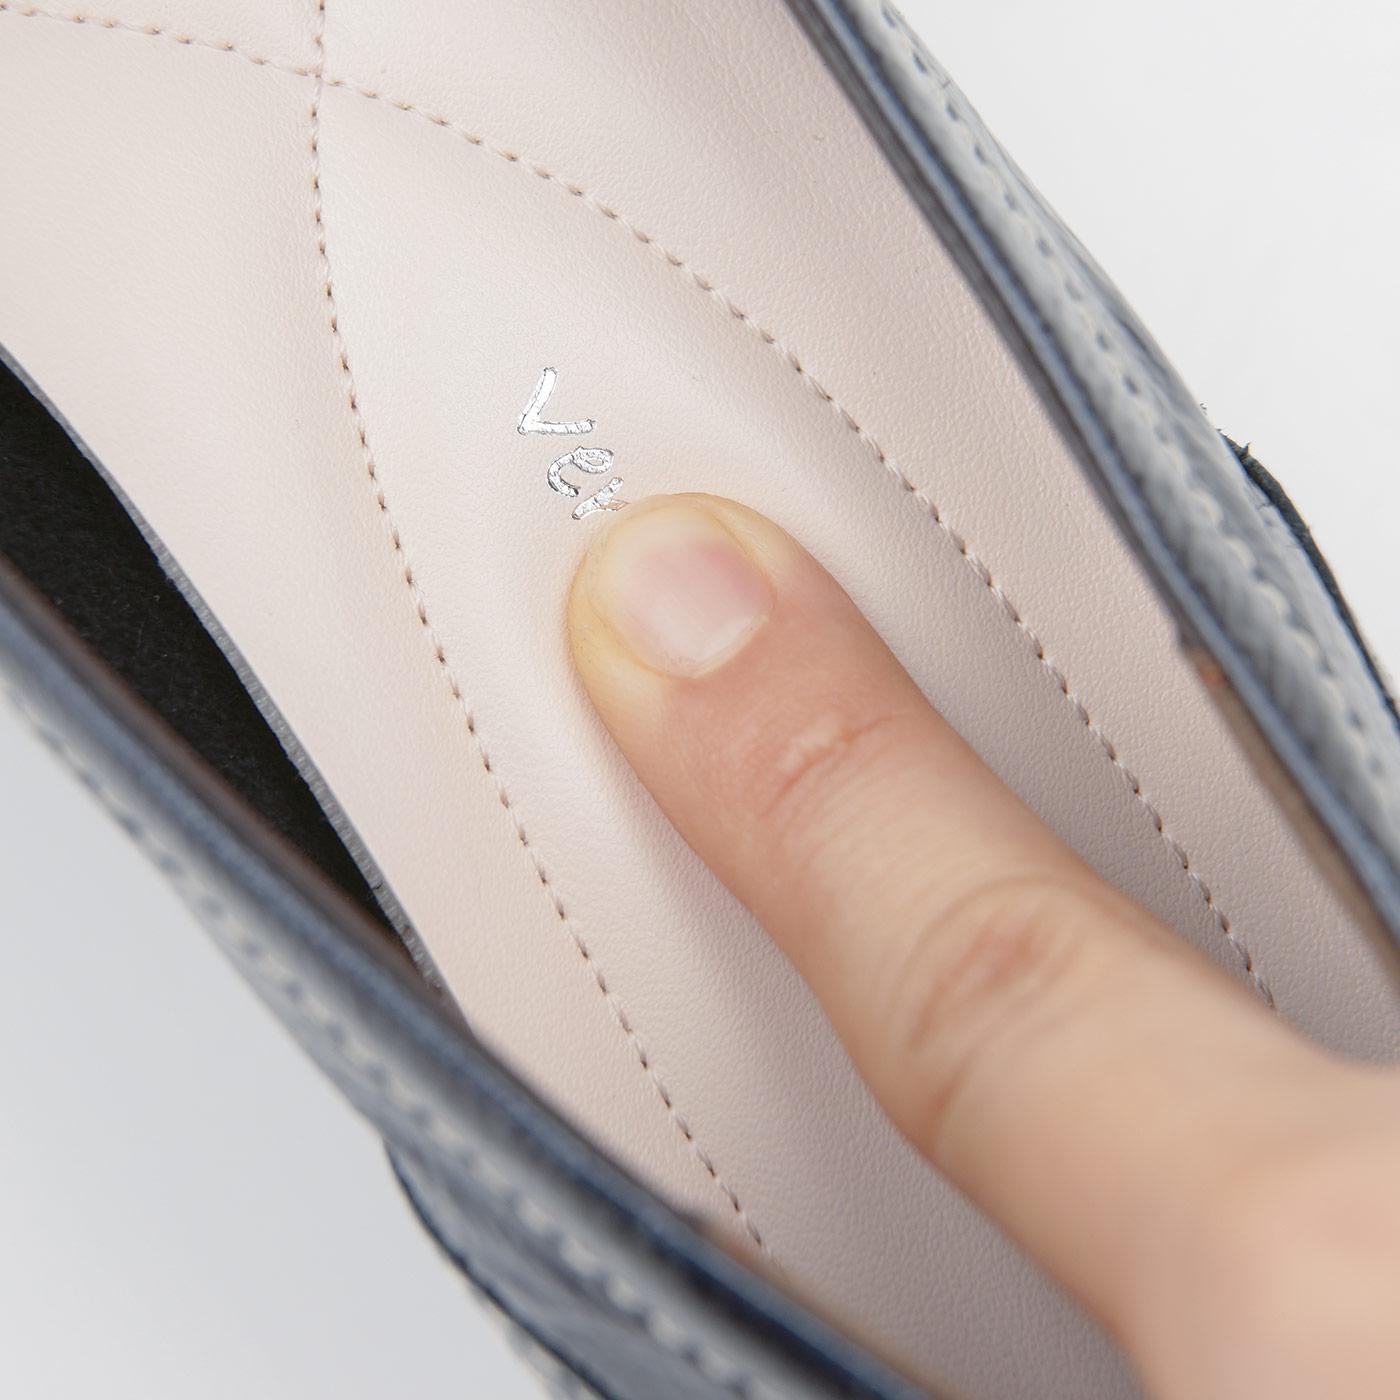 中敷きのかかと部分には、たまご型の低反発素材を内蔵。歩行時のかかとへの衝撃をふんわりサポート。